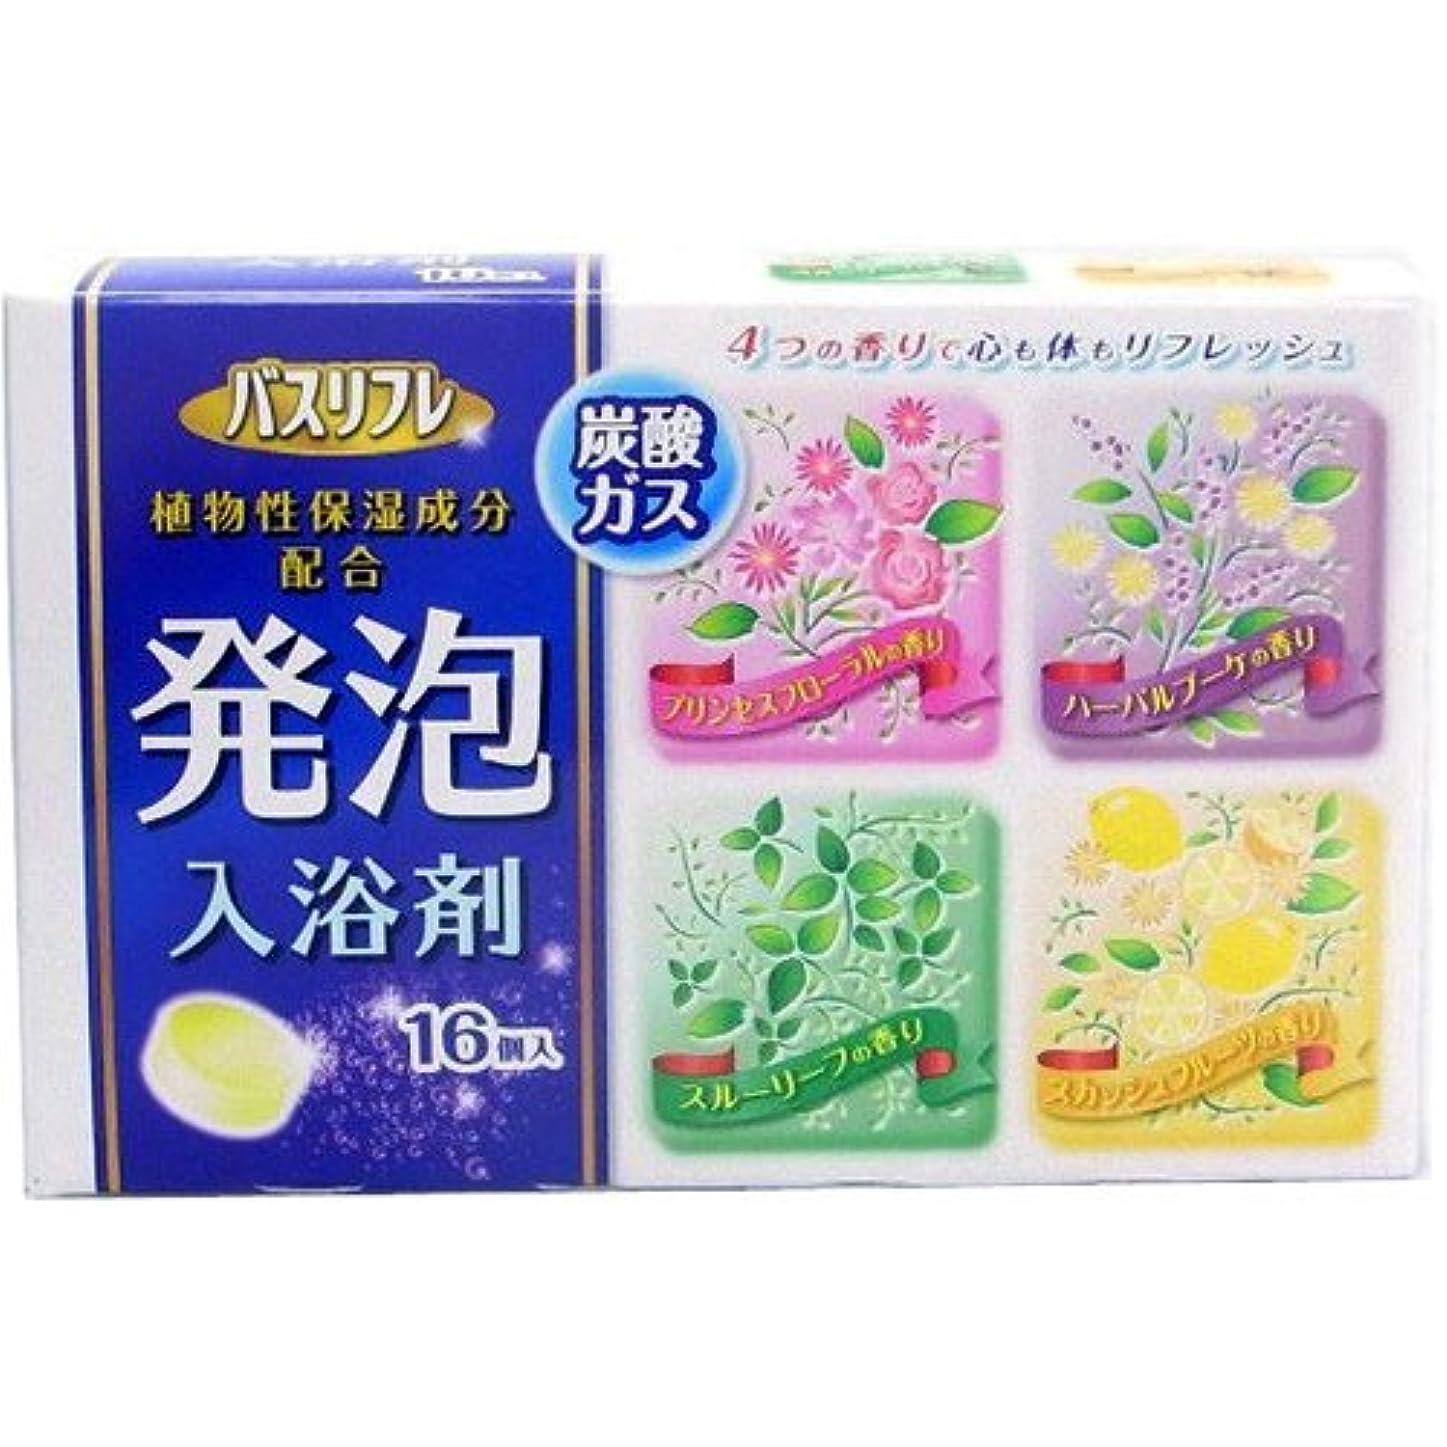 熟読するコンドーム広げるバスリフレ 薬用発泡入浴剤 16錠 [医薬部外品] Japan